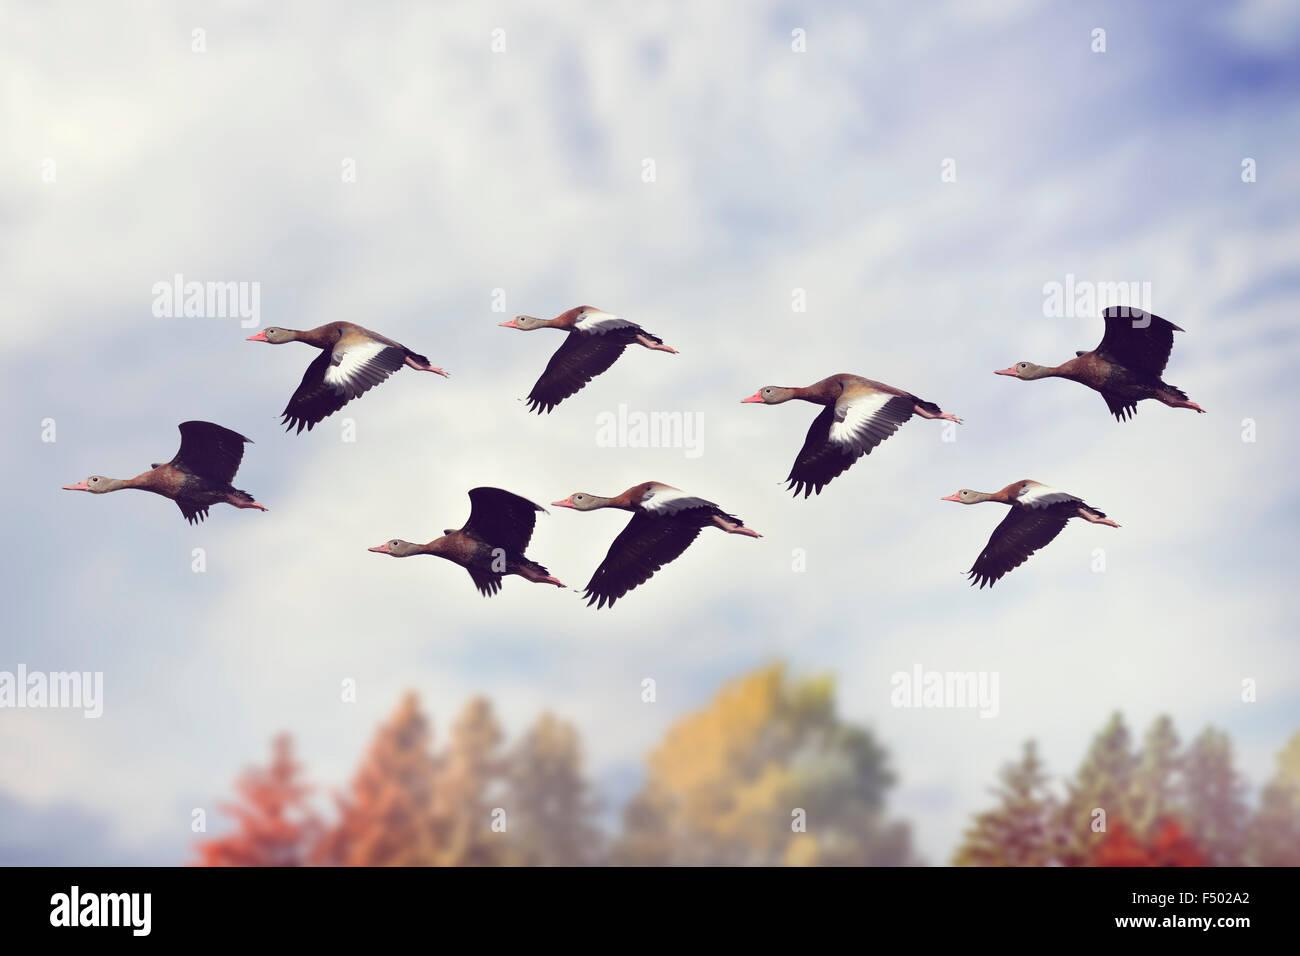 Flock of Black-bellied Whistling Ducks - Stock Image